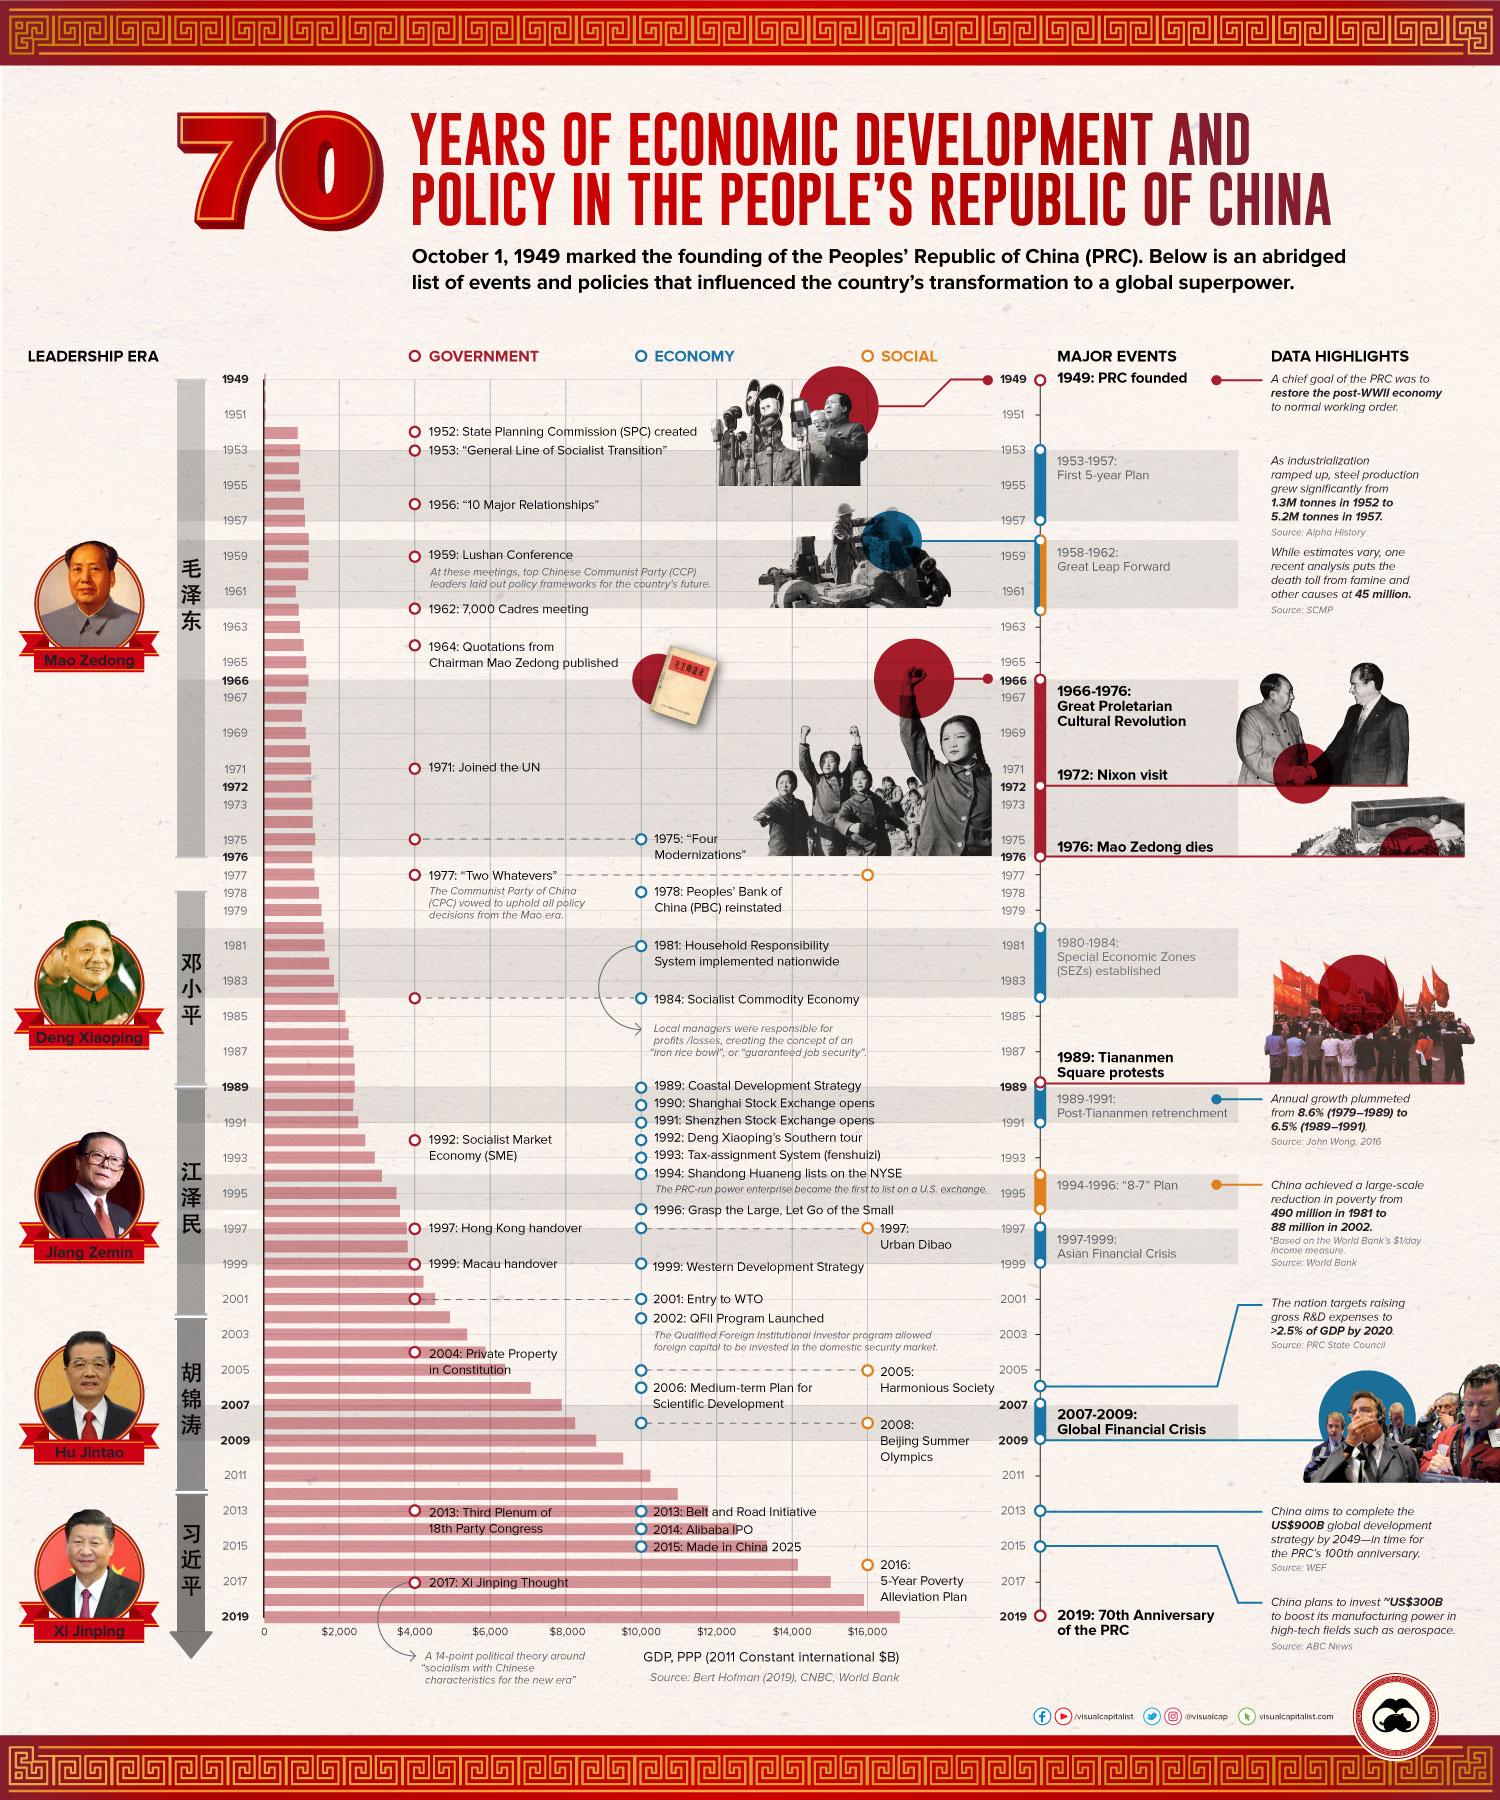 70 years of China's economic development